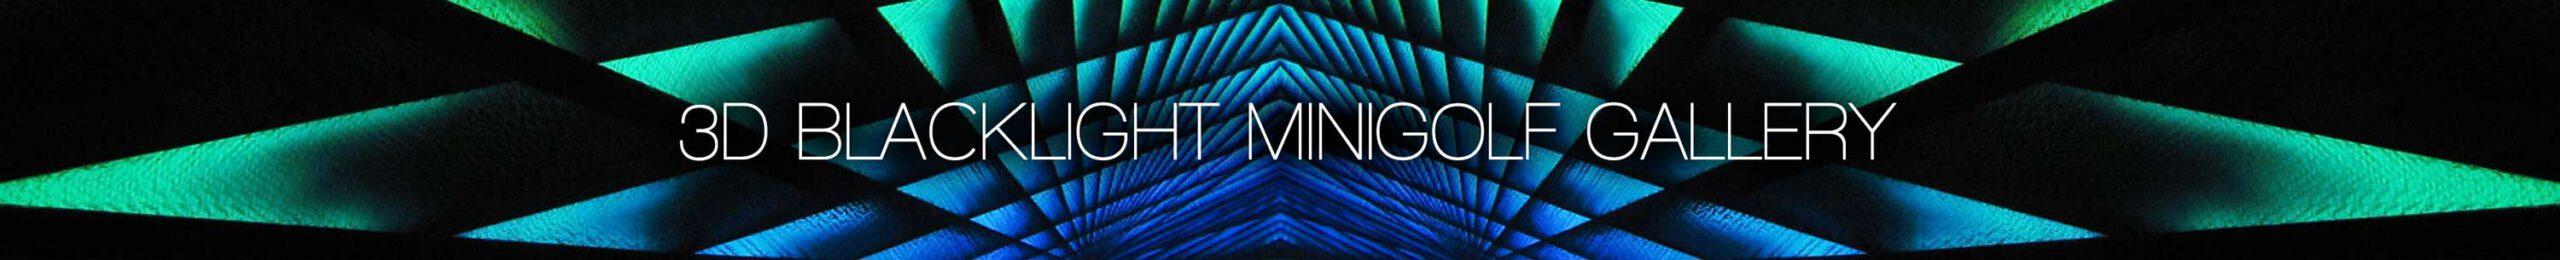 Blacklight Minigolf